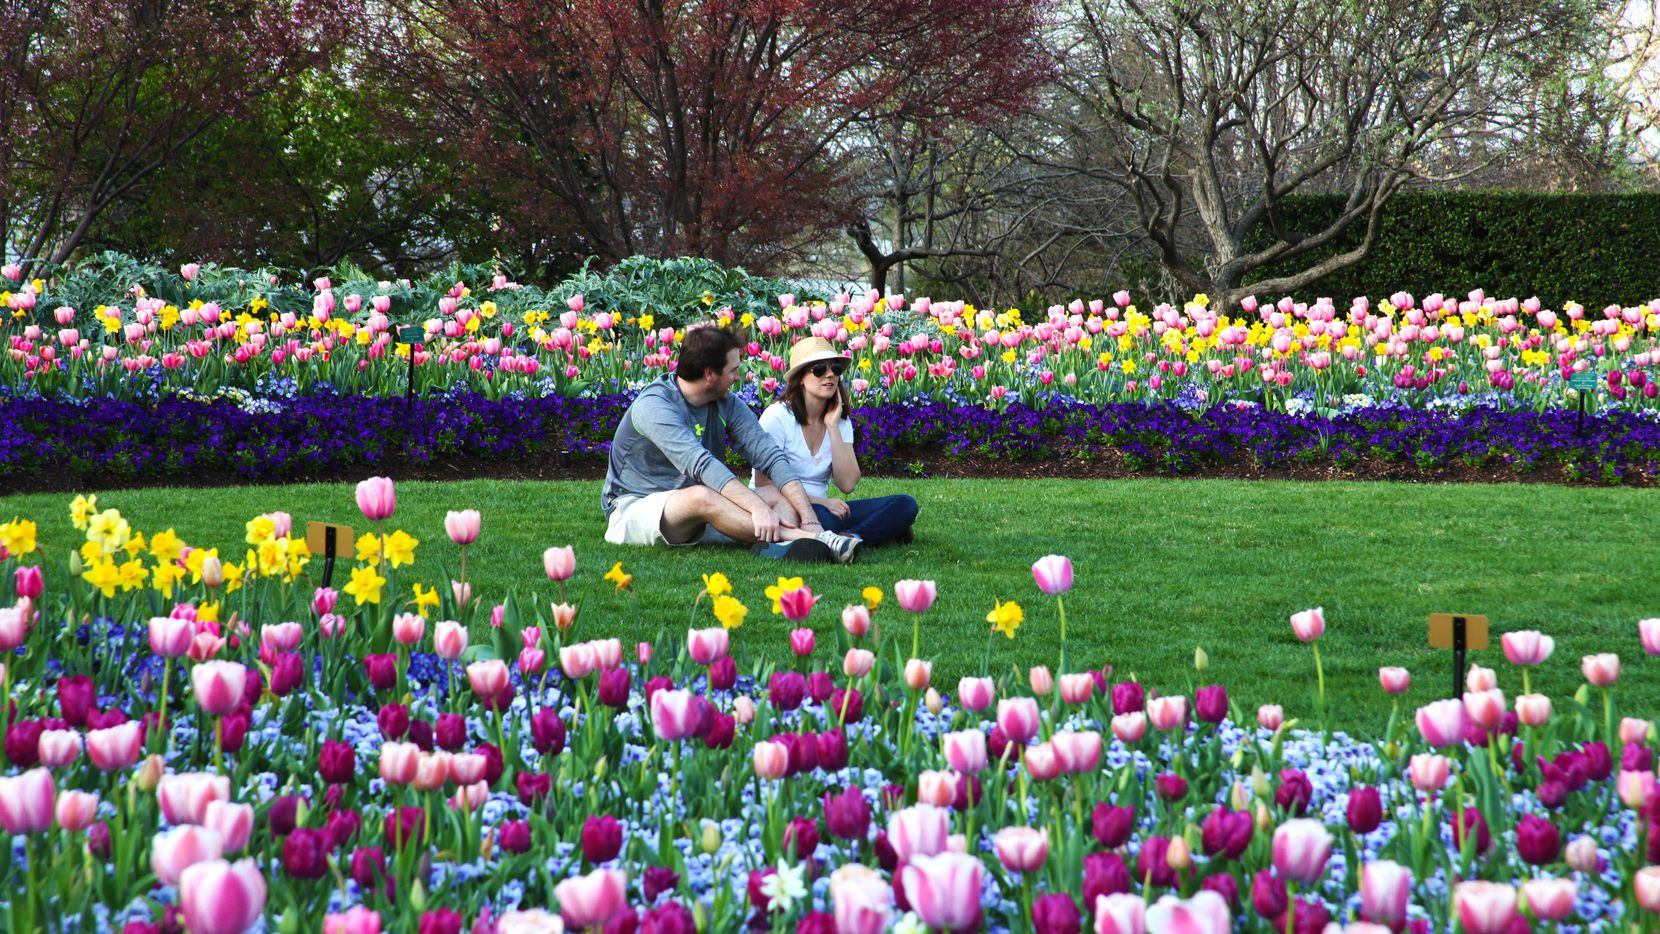 El festival Dallas Blooms llega al jardín botánico con diferentes actividades hasta el 12 de abril.